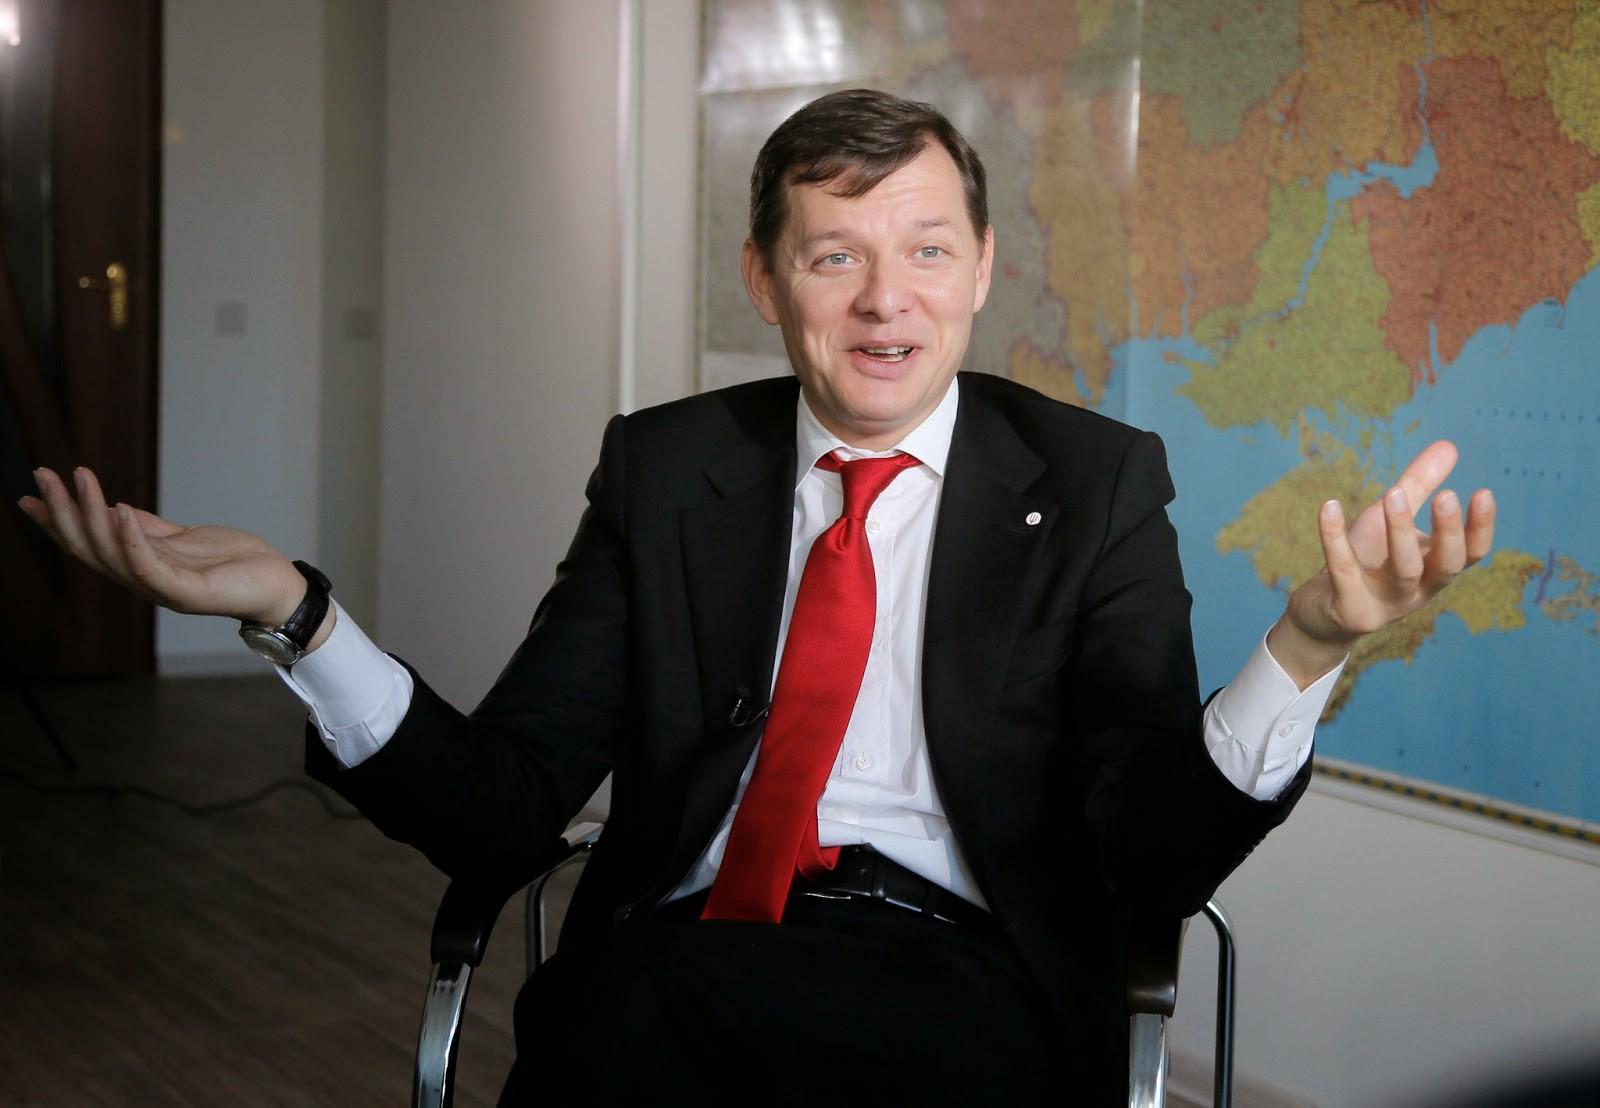 Від цифр очі на лоба лізуть: журналісти з'ясували, за скільки головний радикал країни Ляшко купив собі будинок під Києвом (ФОТО)